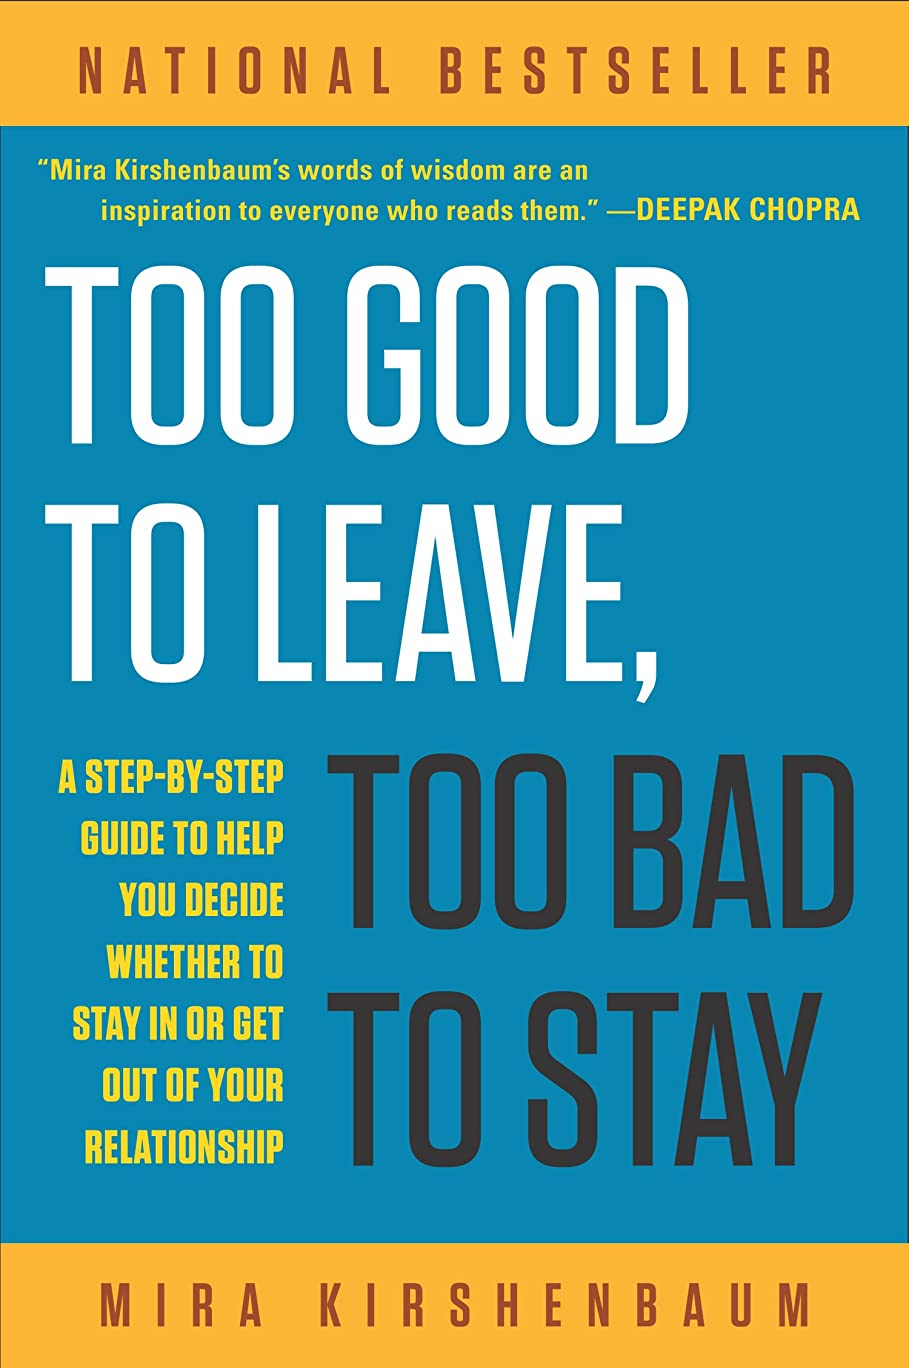 地雷原ルーチン位置づけるToo Good to Leave, Too Bad to Stay: A Step-by-Step Guide to Help You Decide Whether to Stay In or Get Out of Your Relationship (English Edition)